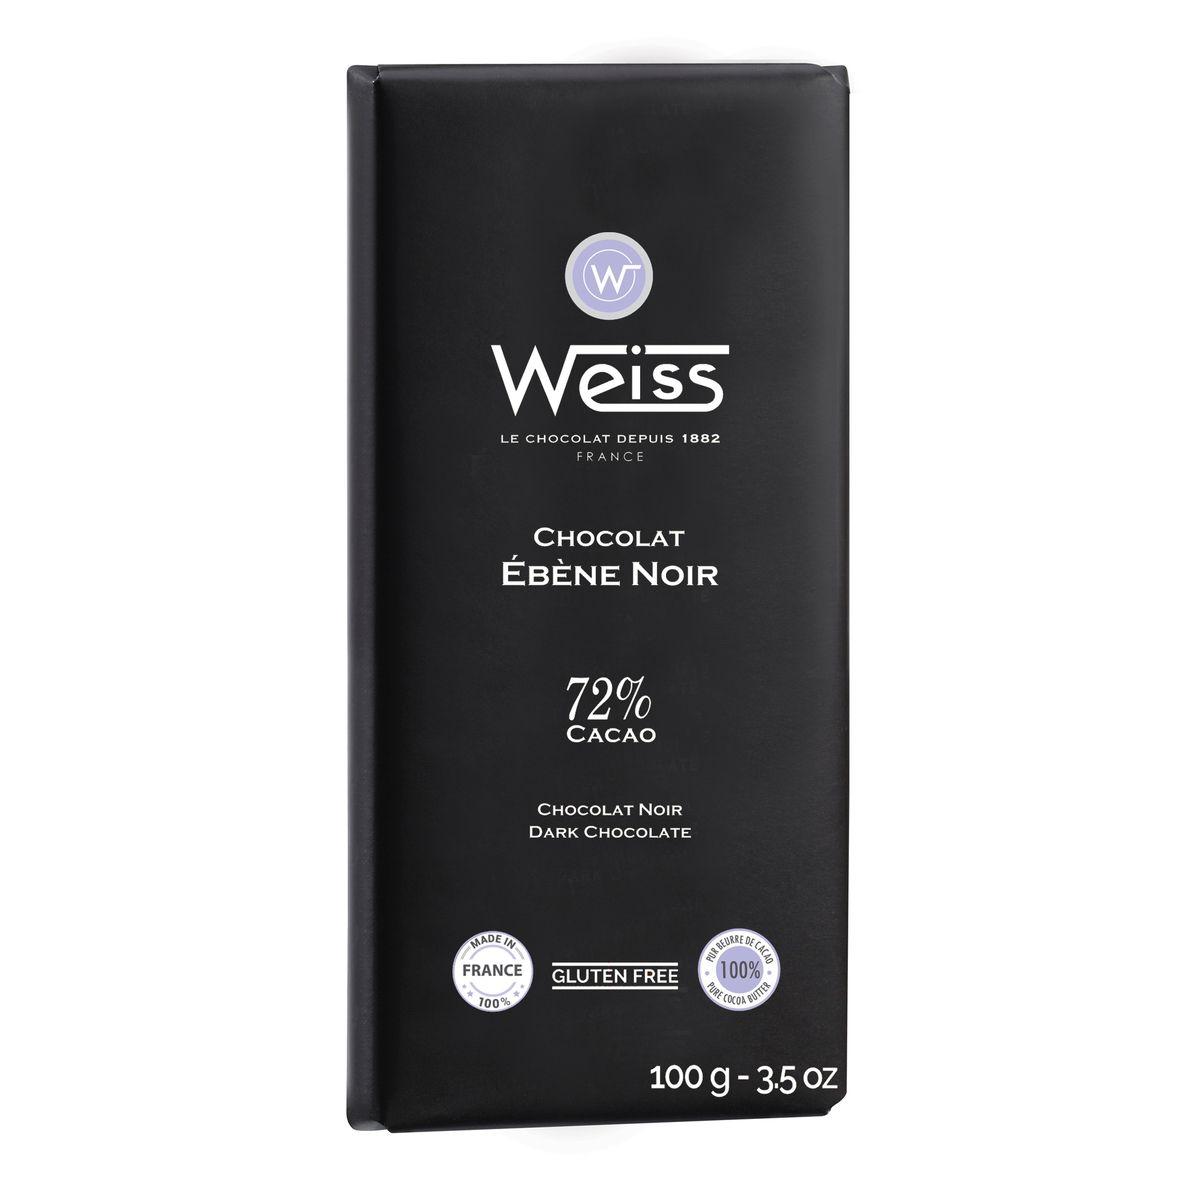 Tablette ebene 72% 100gr - Weiss